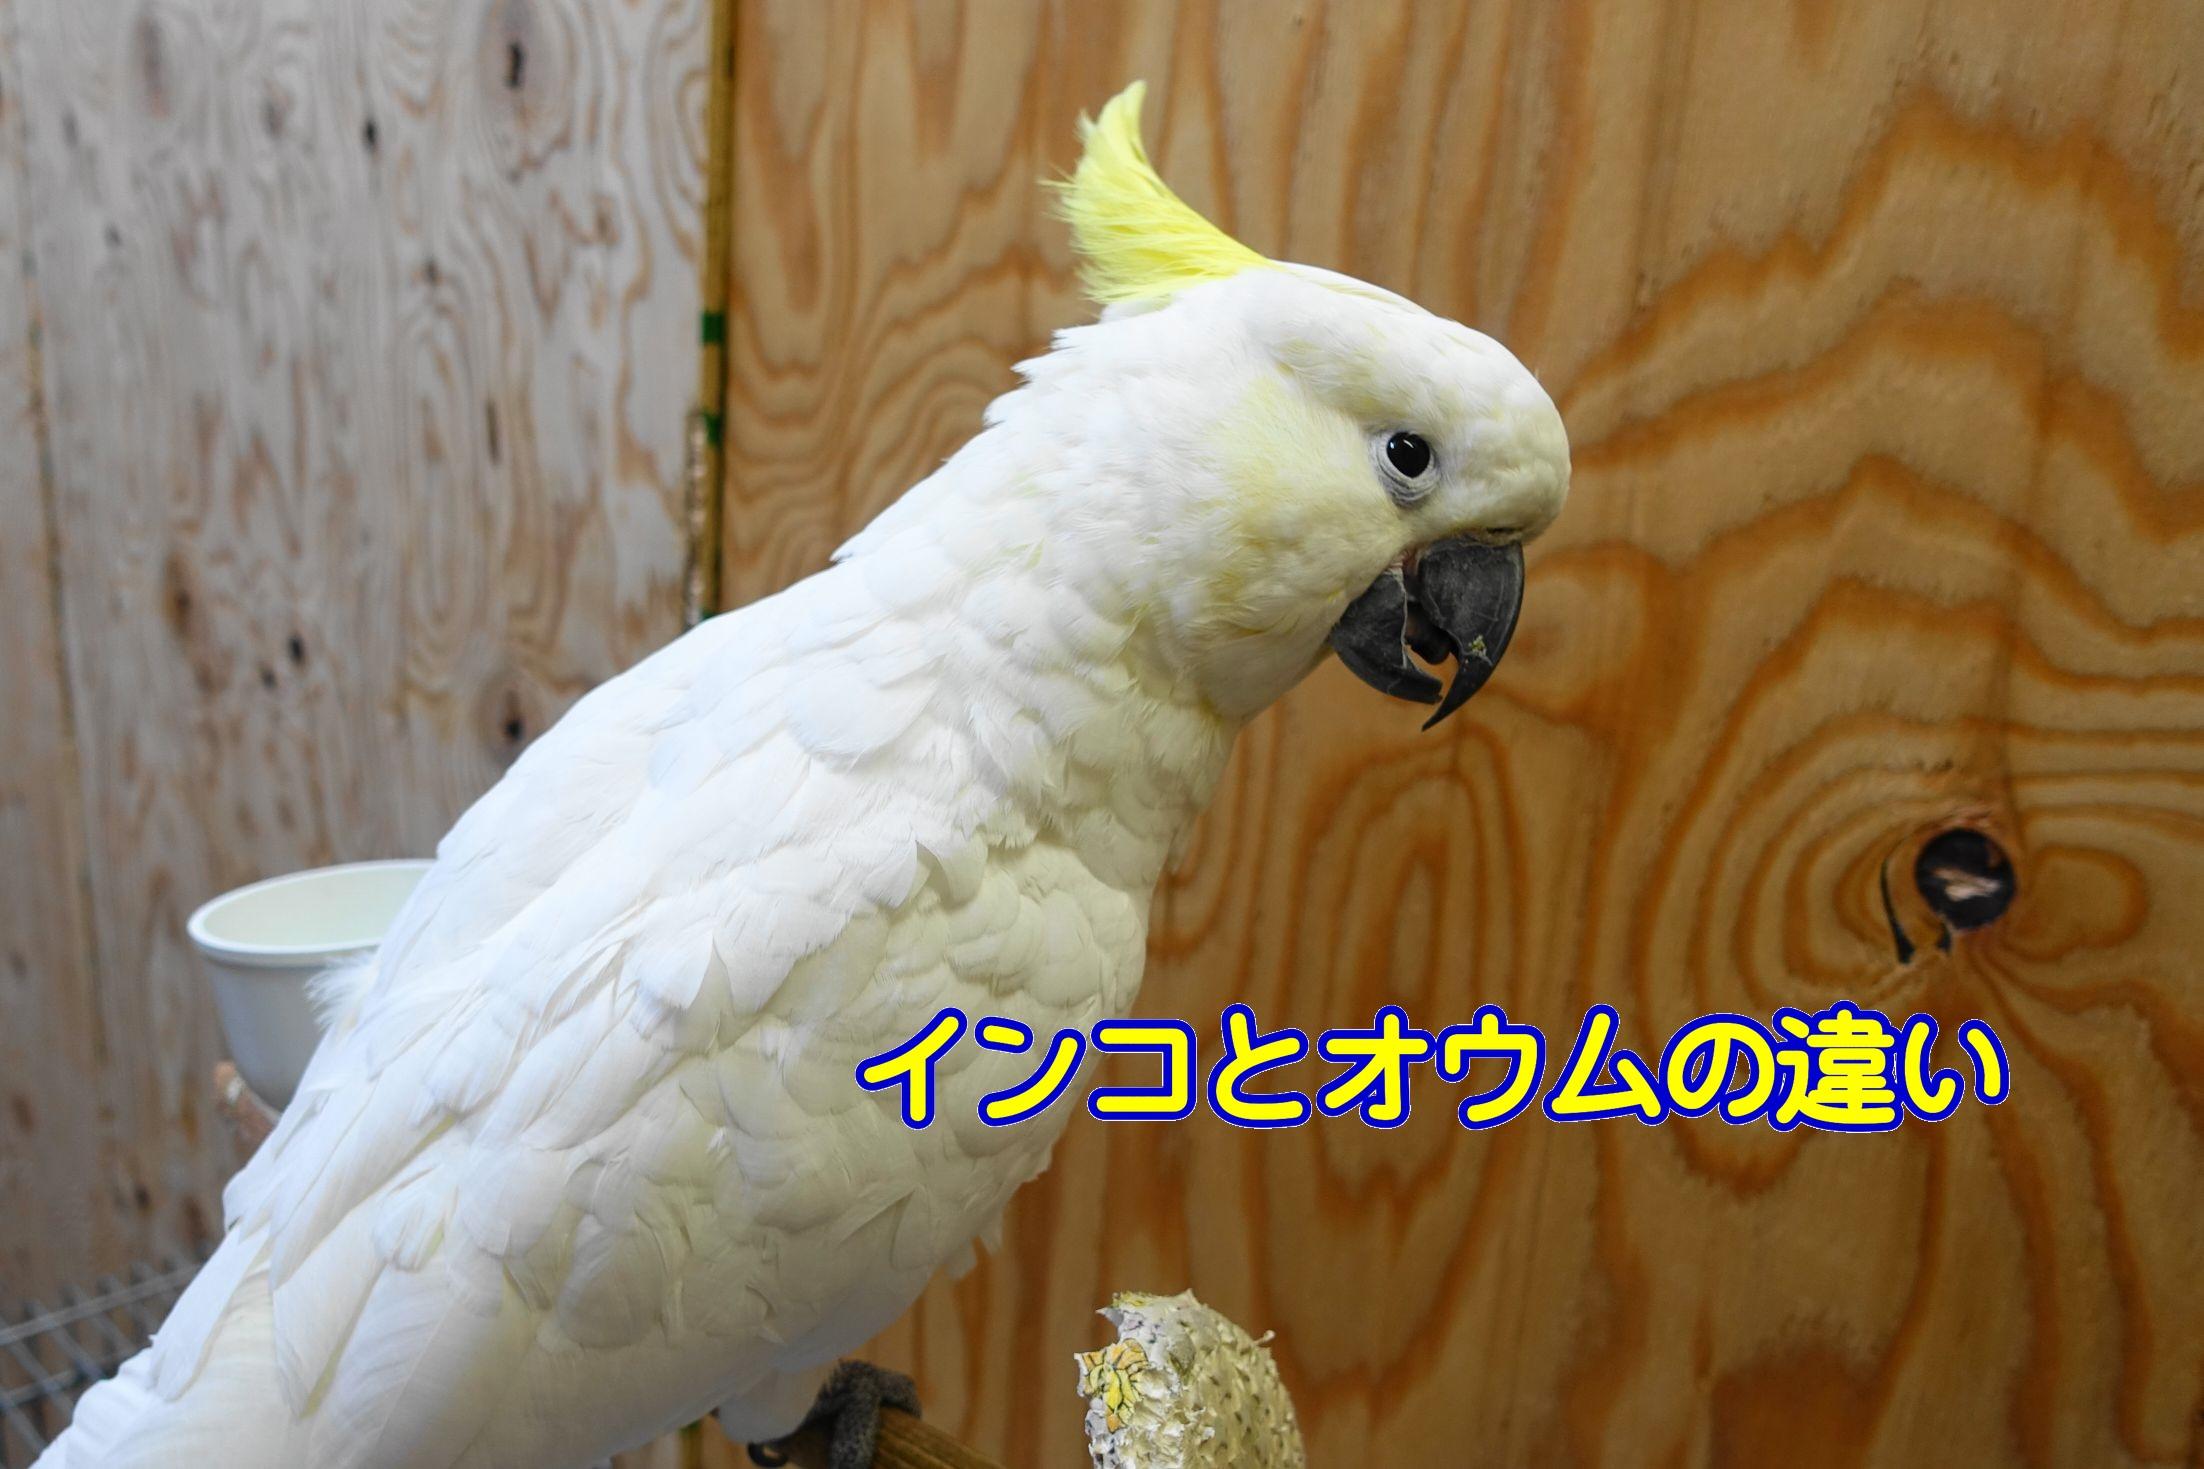 鳥ビア】インコとオウムの違いは何?見分けるポイントは冠羽の有無 ...